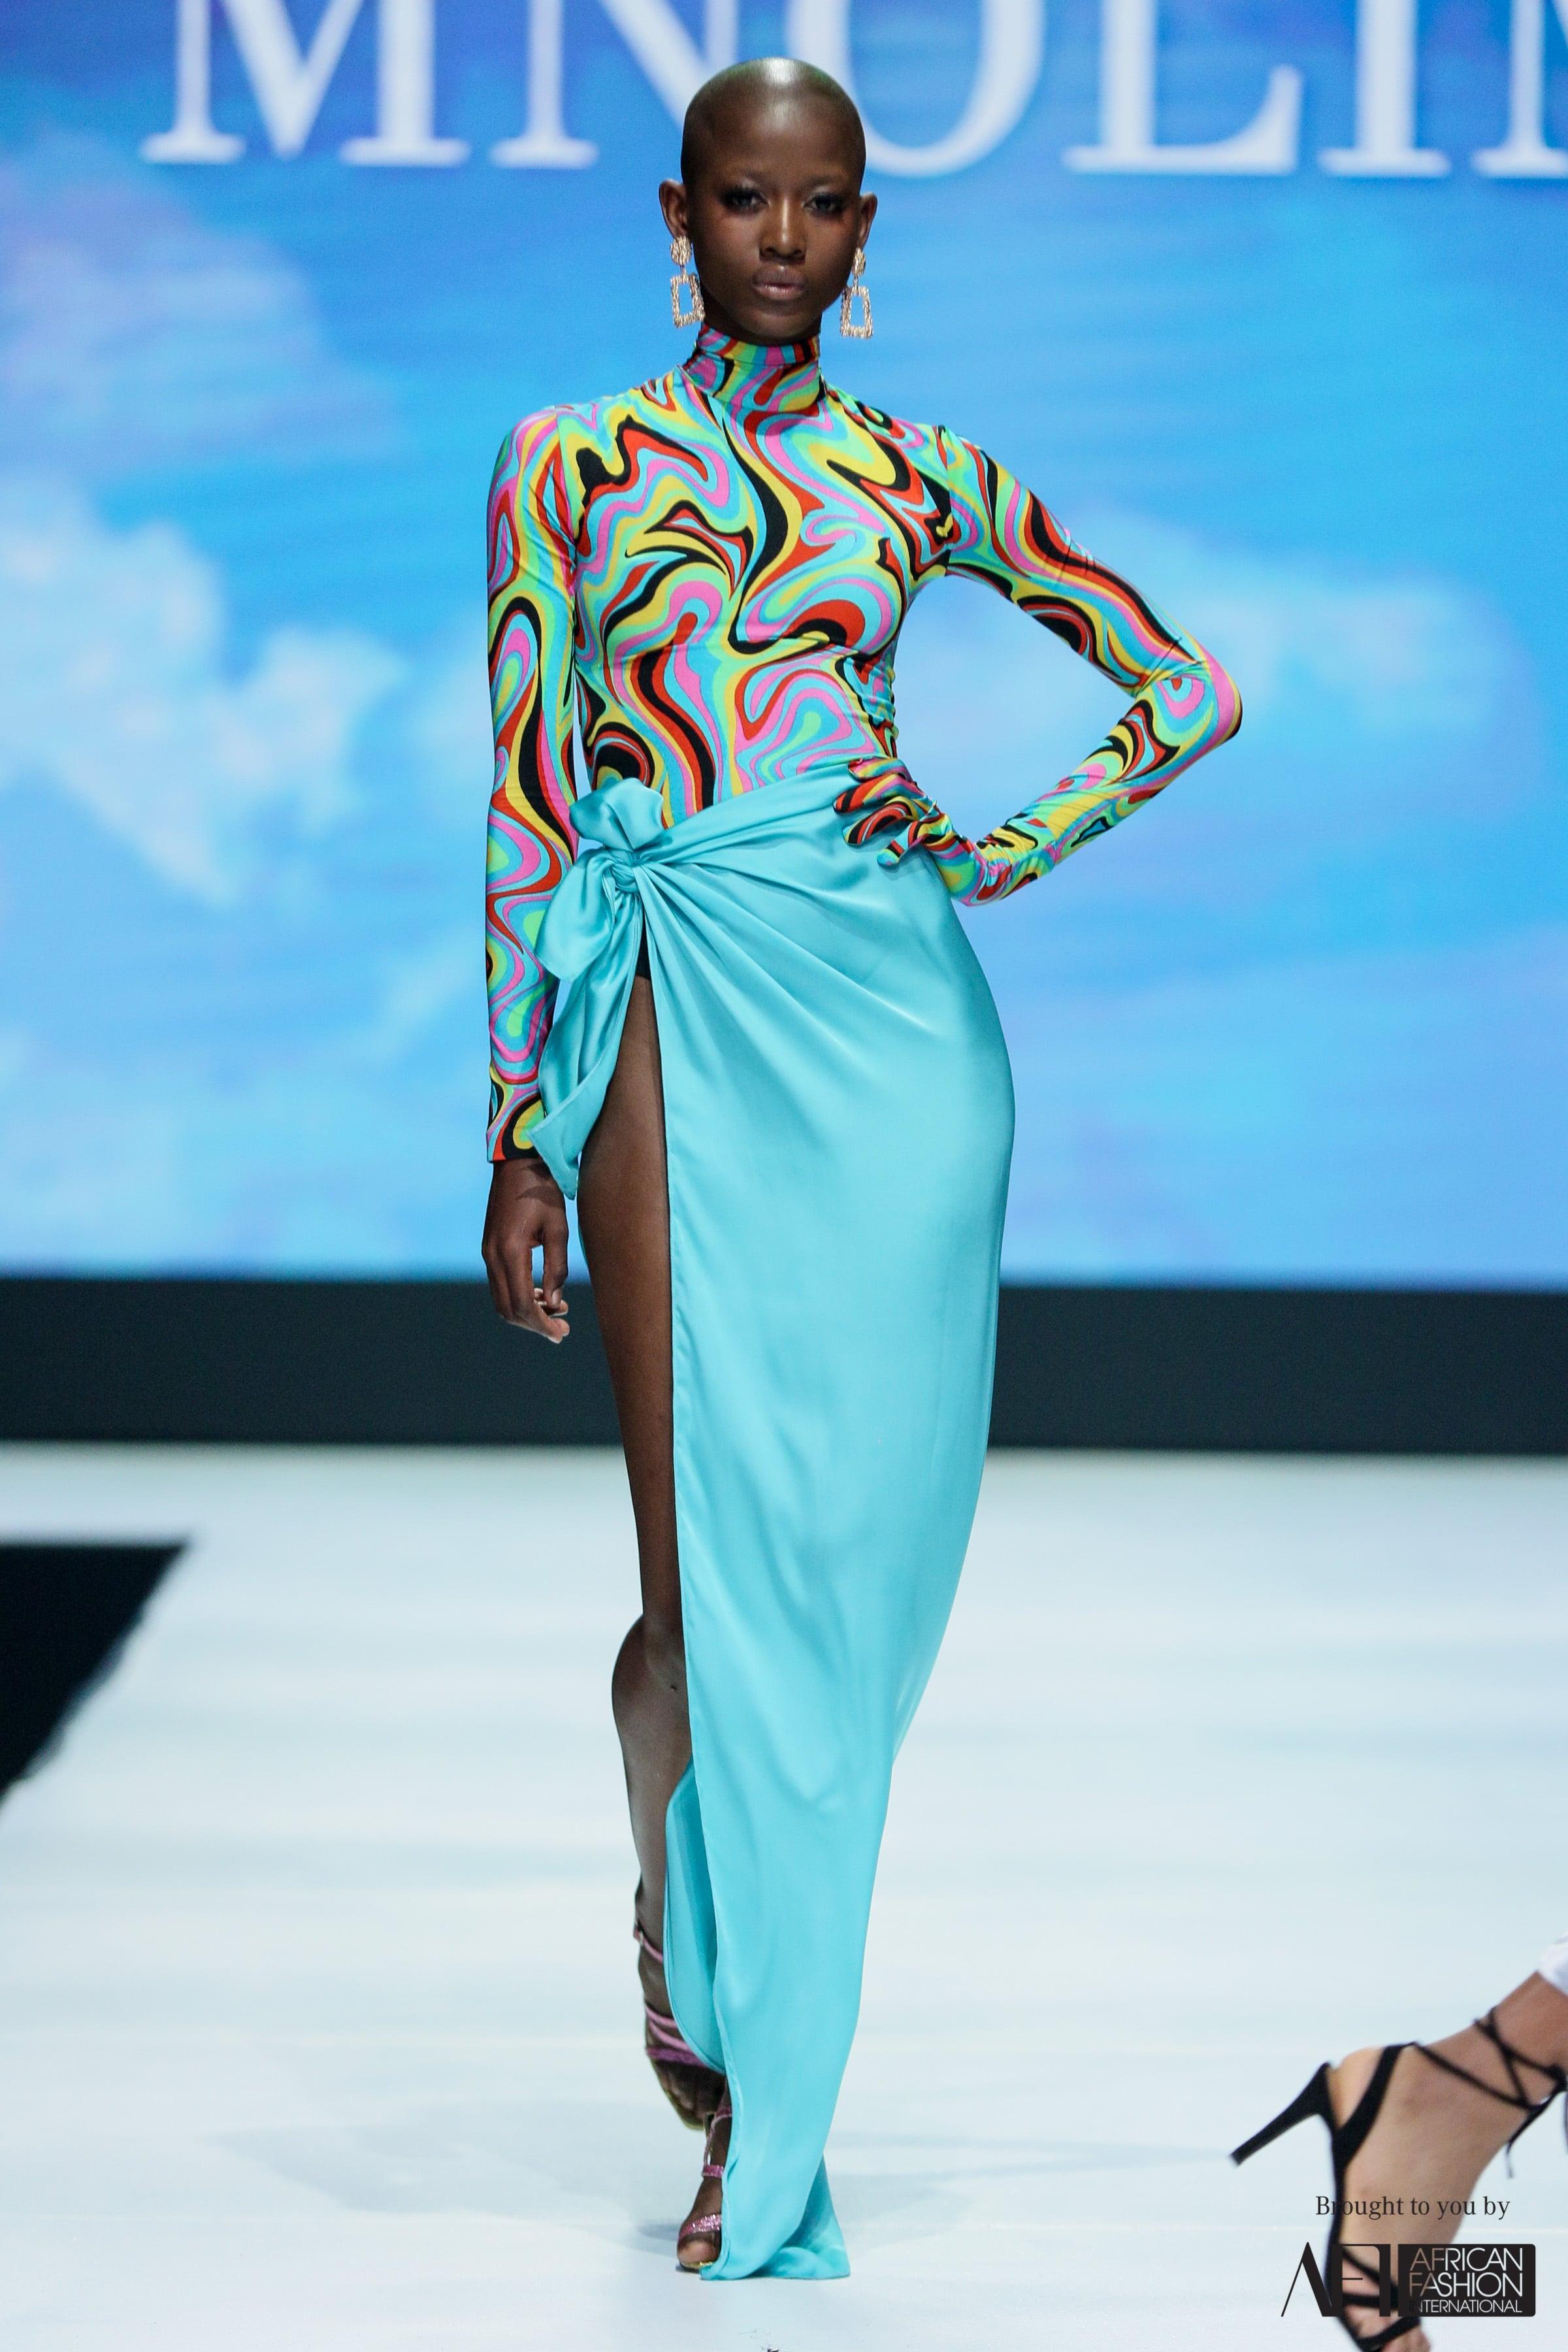 taussy-daniel-rich-factory-afri-fashion-week-joburg-ss20-2019-2020-runway-design-african-fashion-week